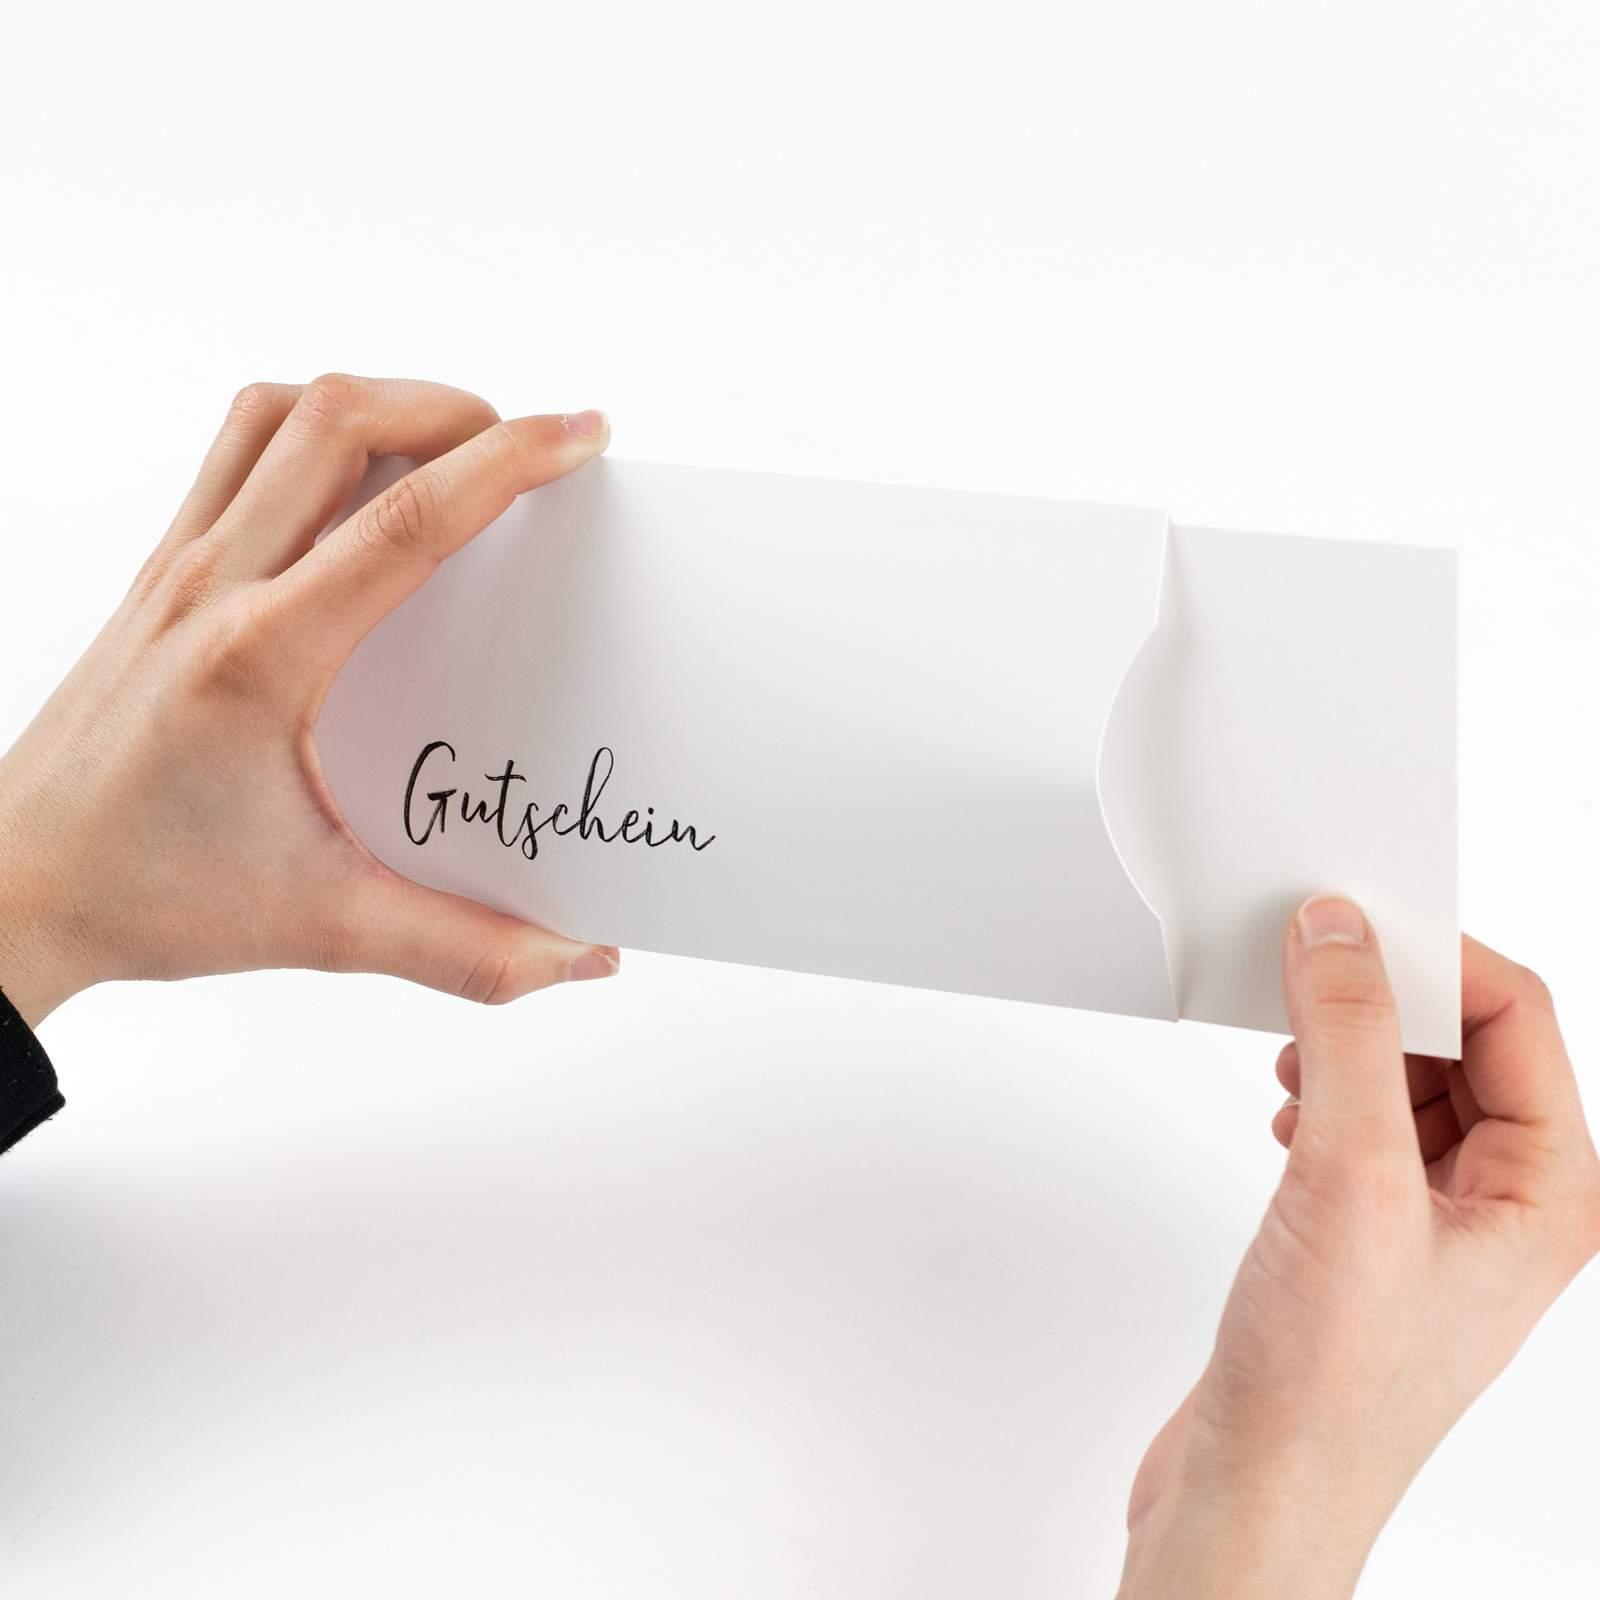 Ebay Gutschein Garten Neu Details Zu Gutscheinkarten Set Geschenkgutschein Geburtstagsgutschein Gutschein